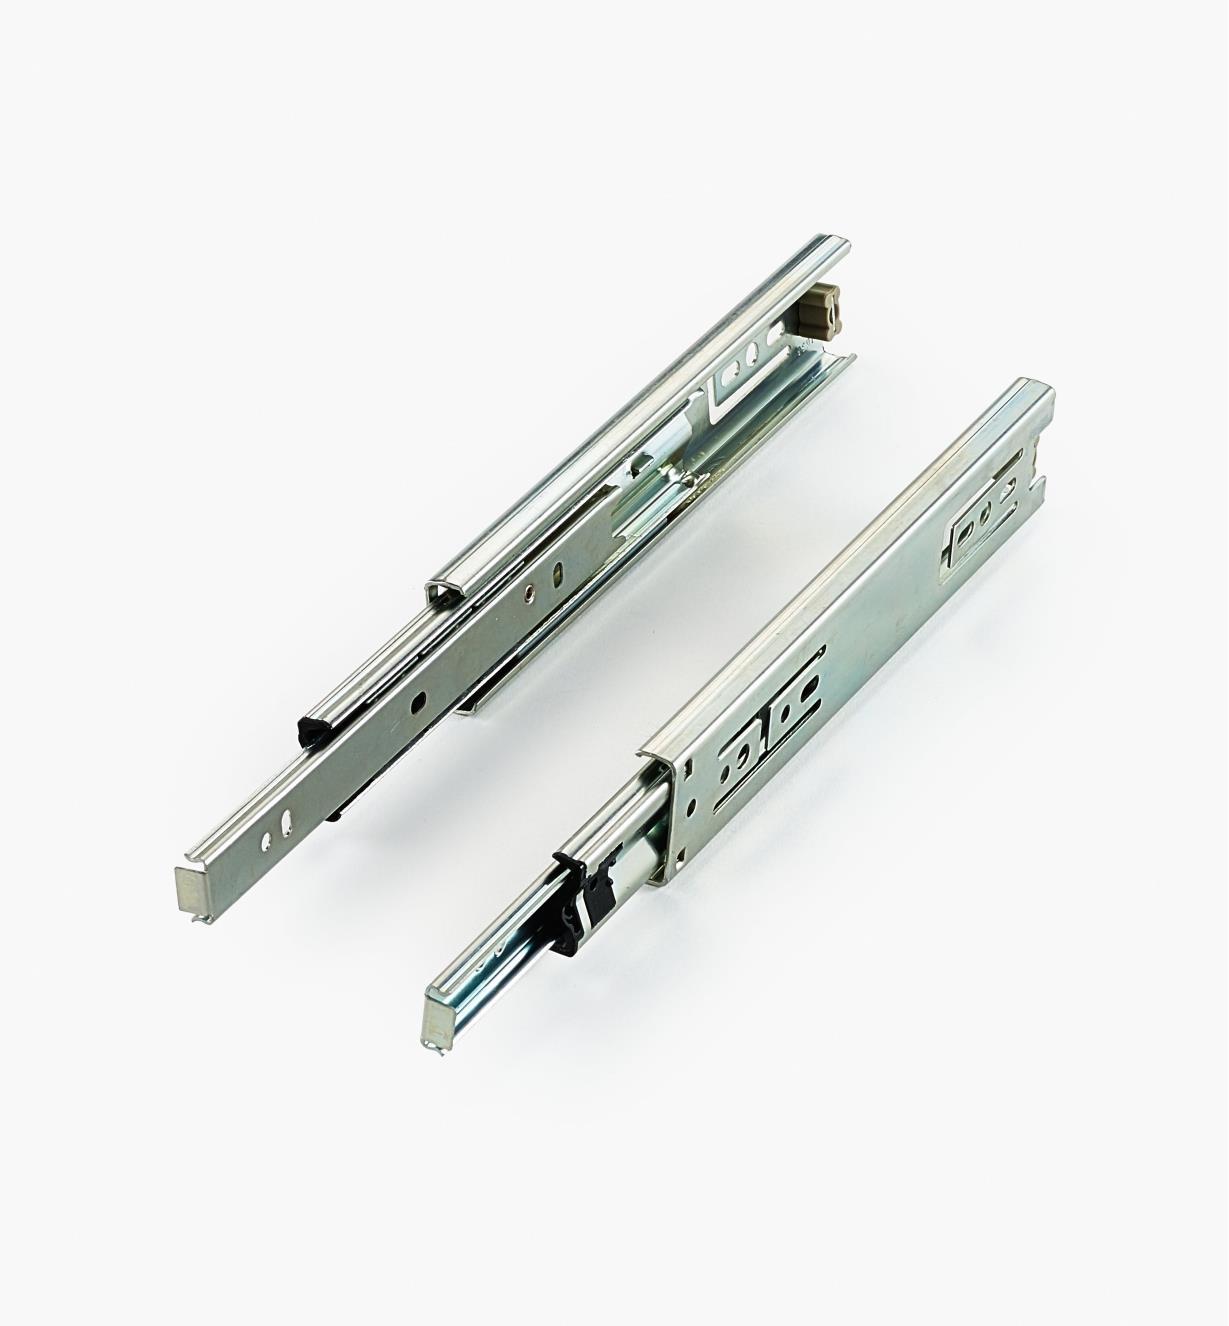 02K4208 - Coulisses de 8po à extension complète pour charge de 75lb, la paire